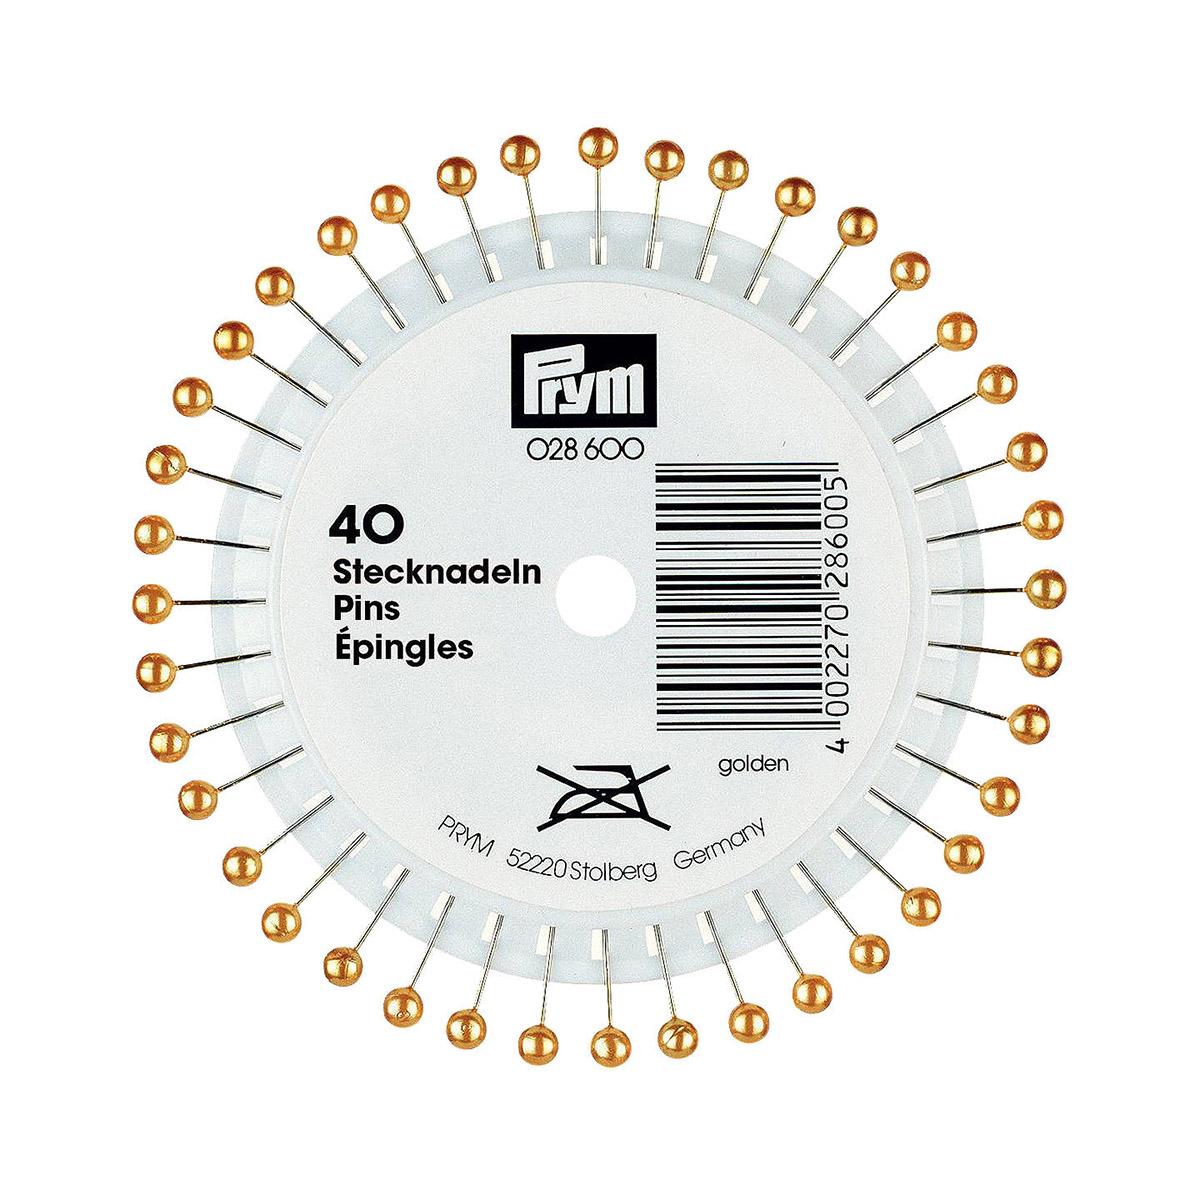 028600 Булавки с жемчужной головкой, золотой цв. 0,65x38 мм Prym